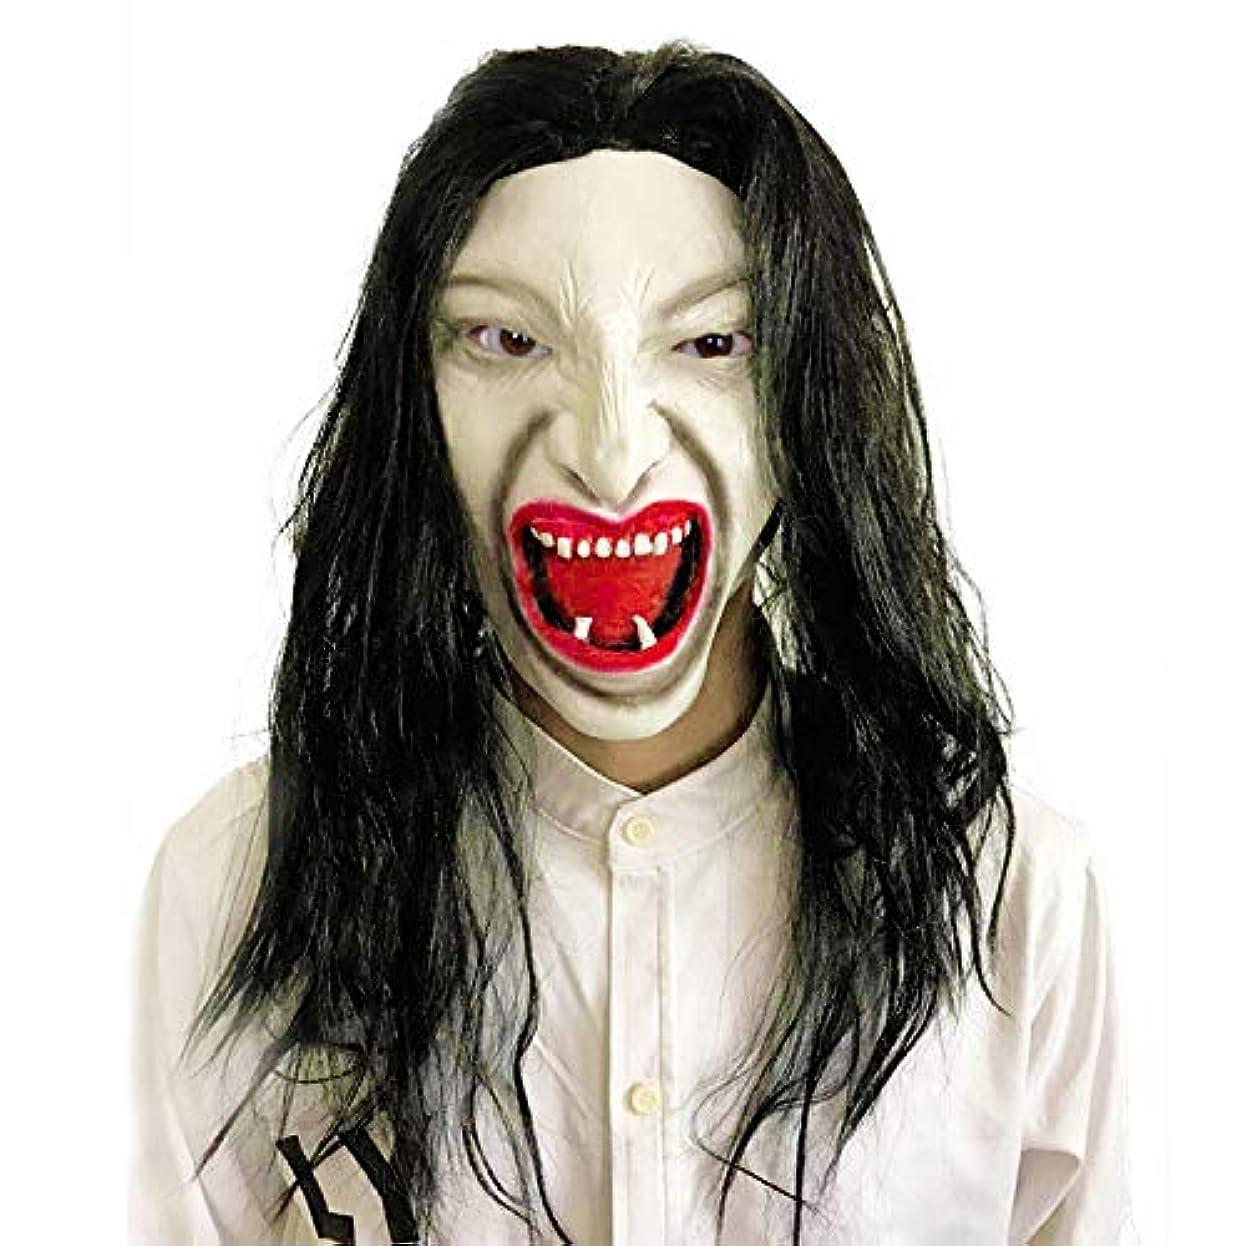 調べる意識的チョコレートブルネットホラー白い顔のマスク悪魔の血の口の吸血鬼怖いハロウィーンの性能かつらマスク小道具